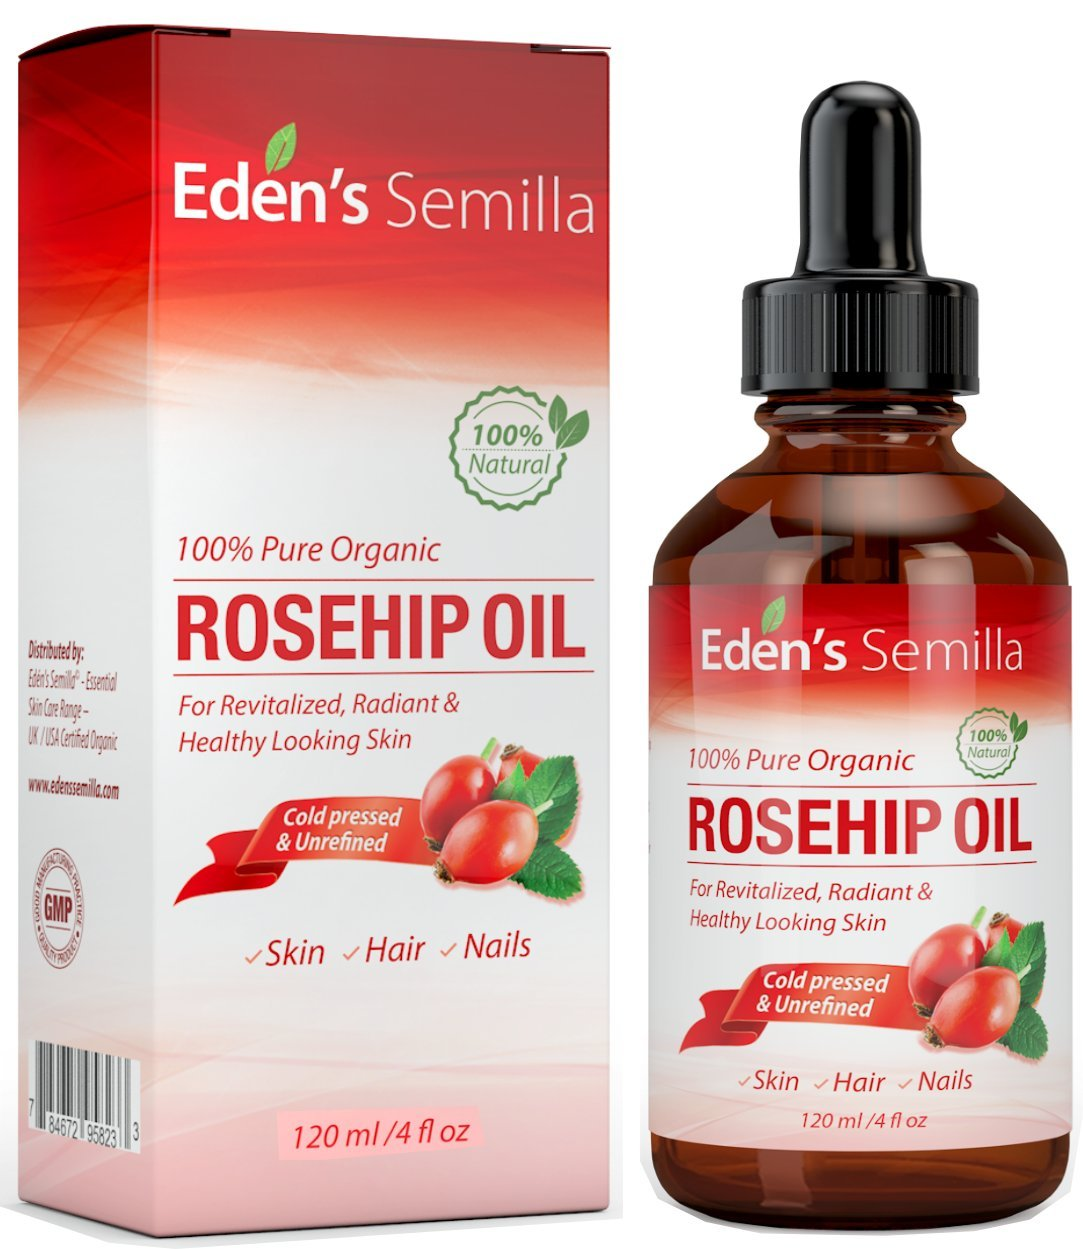 Aceite de Rosa Mosqueta (120ml). Aceite orgánico certificado. Prensado en frío y